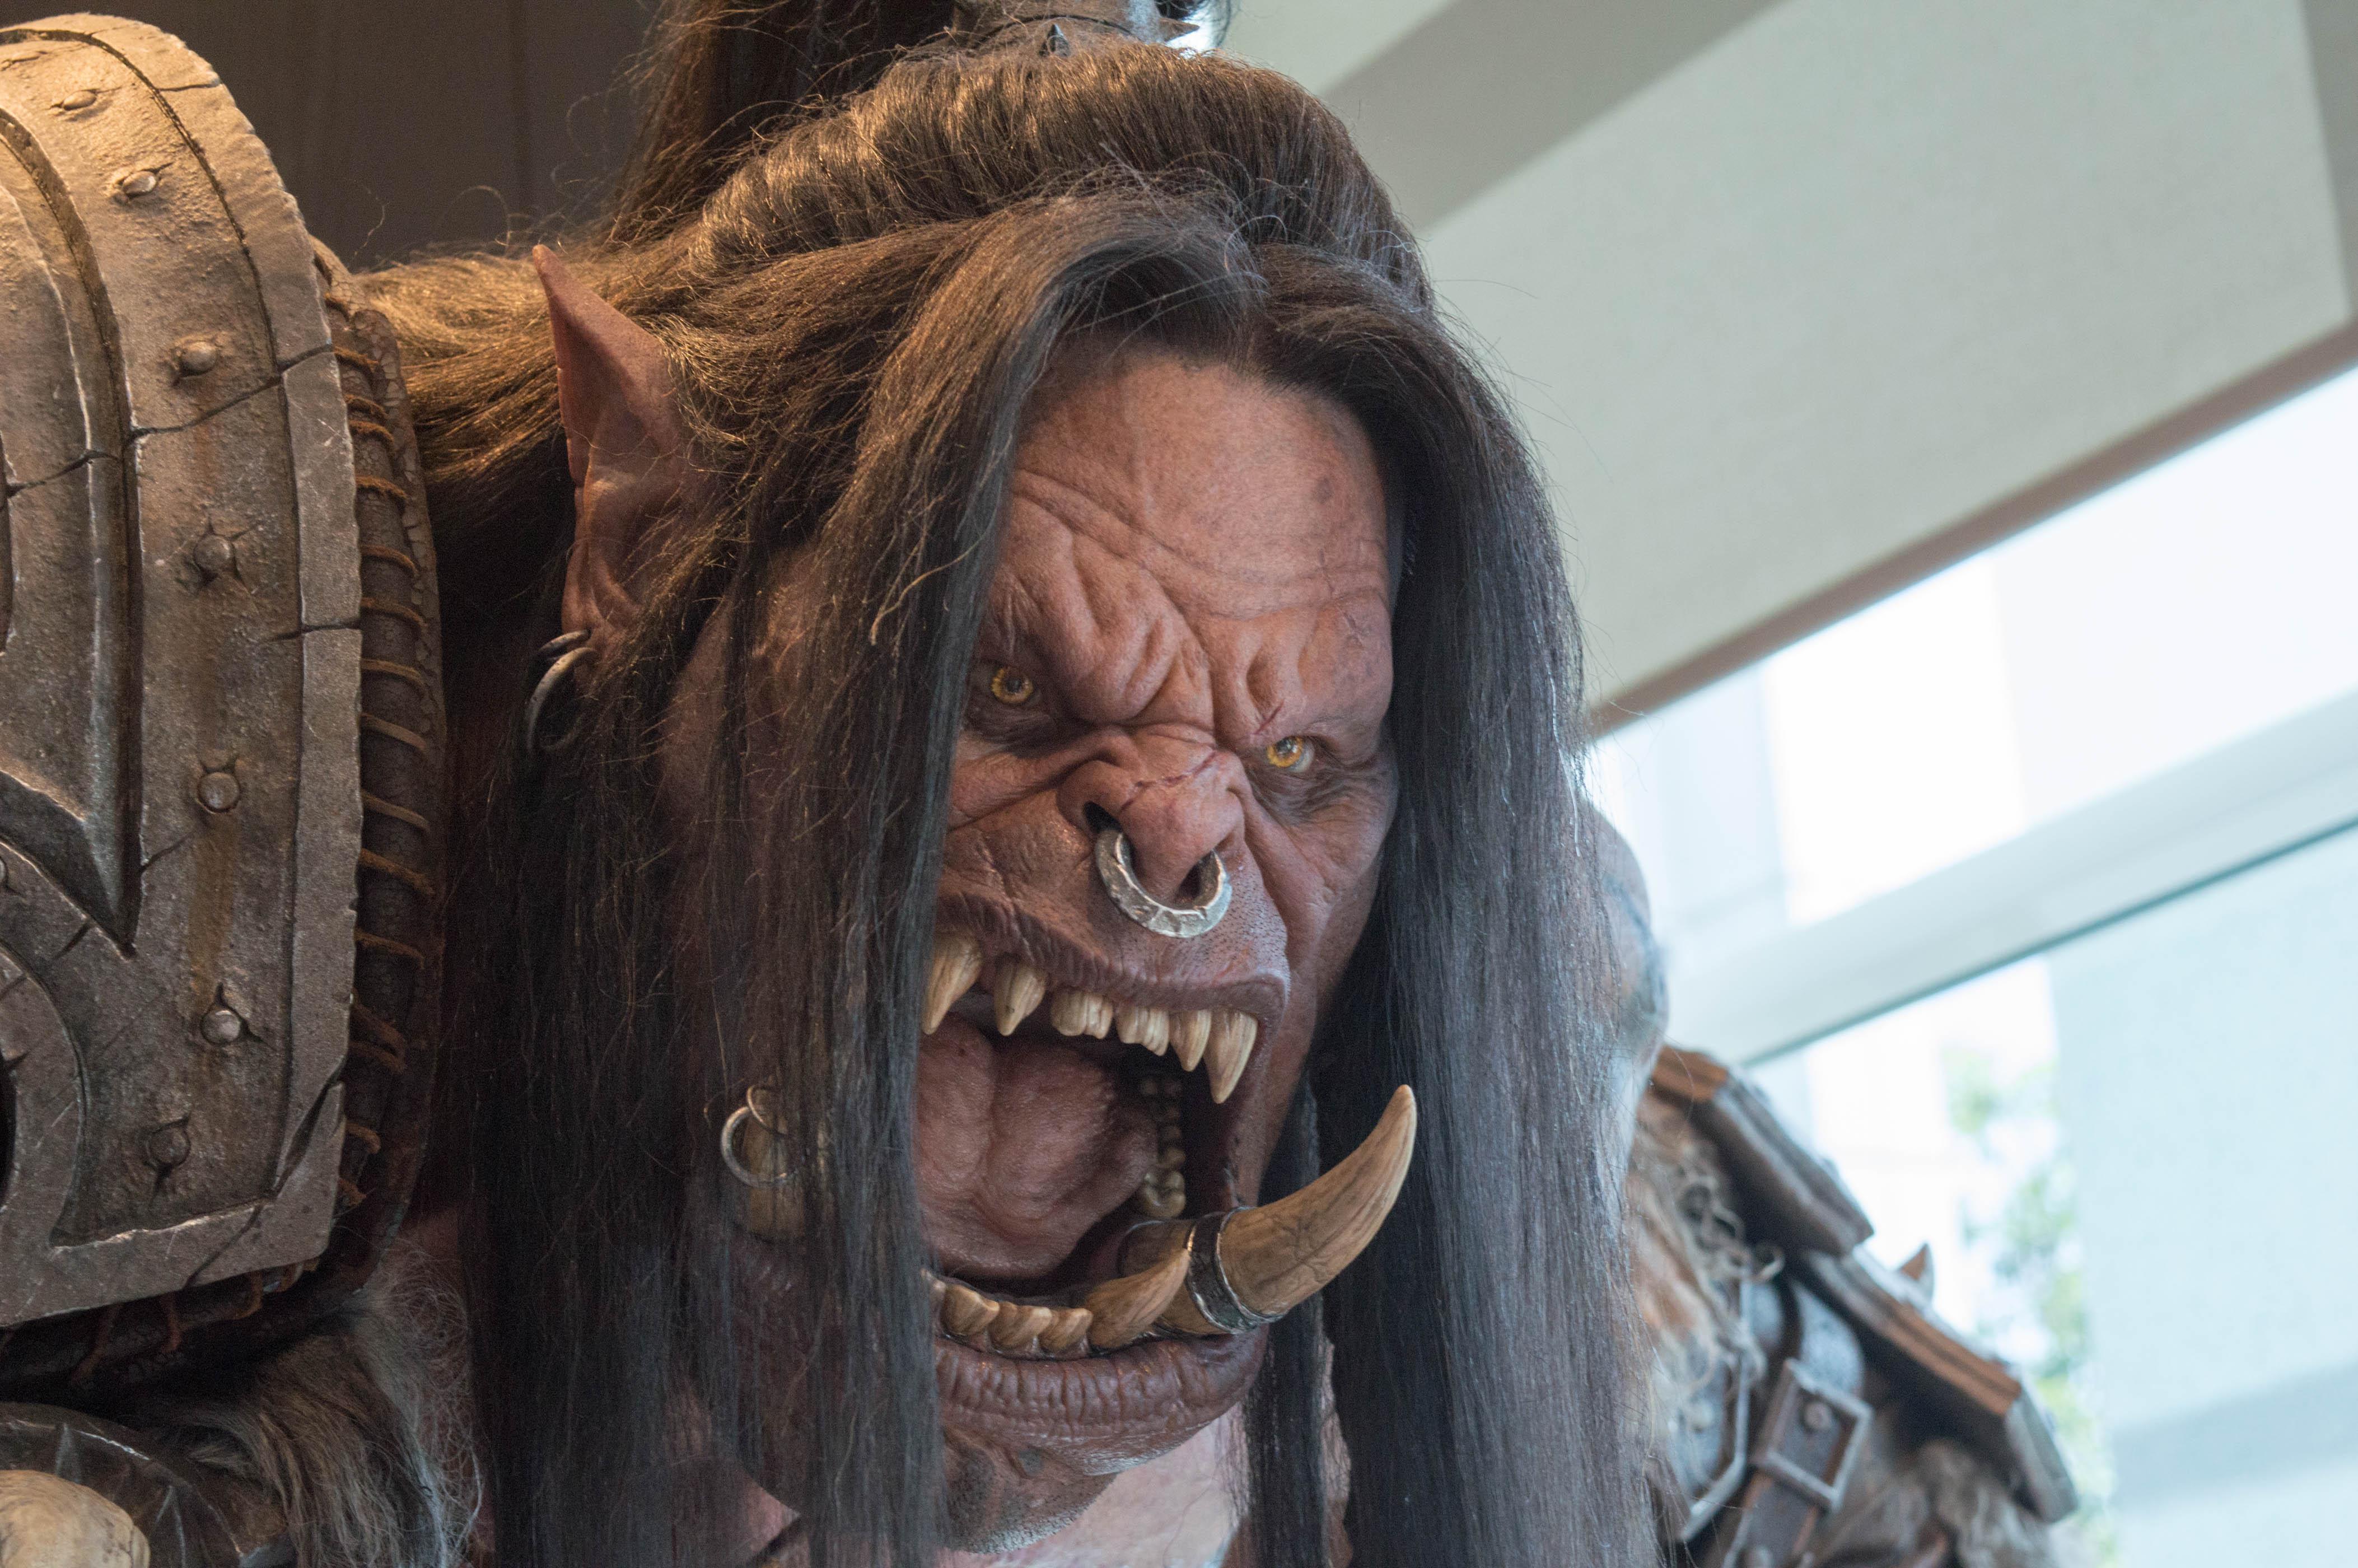 Swaps4's Bizarre Adventure Tour of Blizzard Entertainment 0027